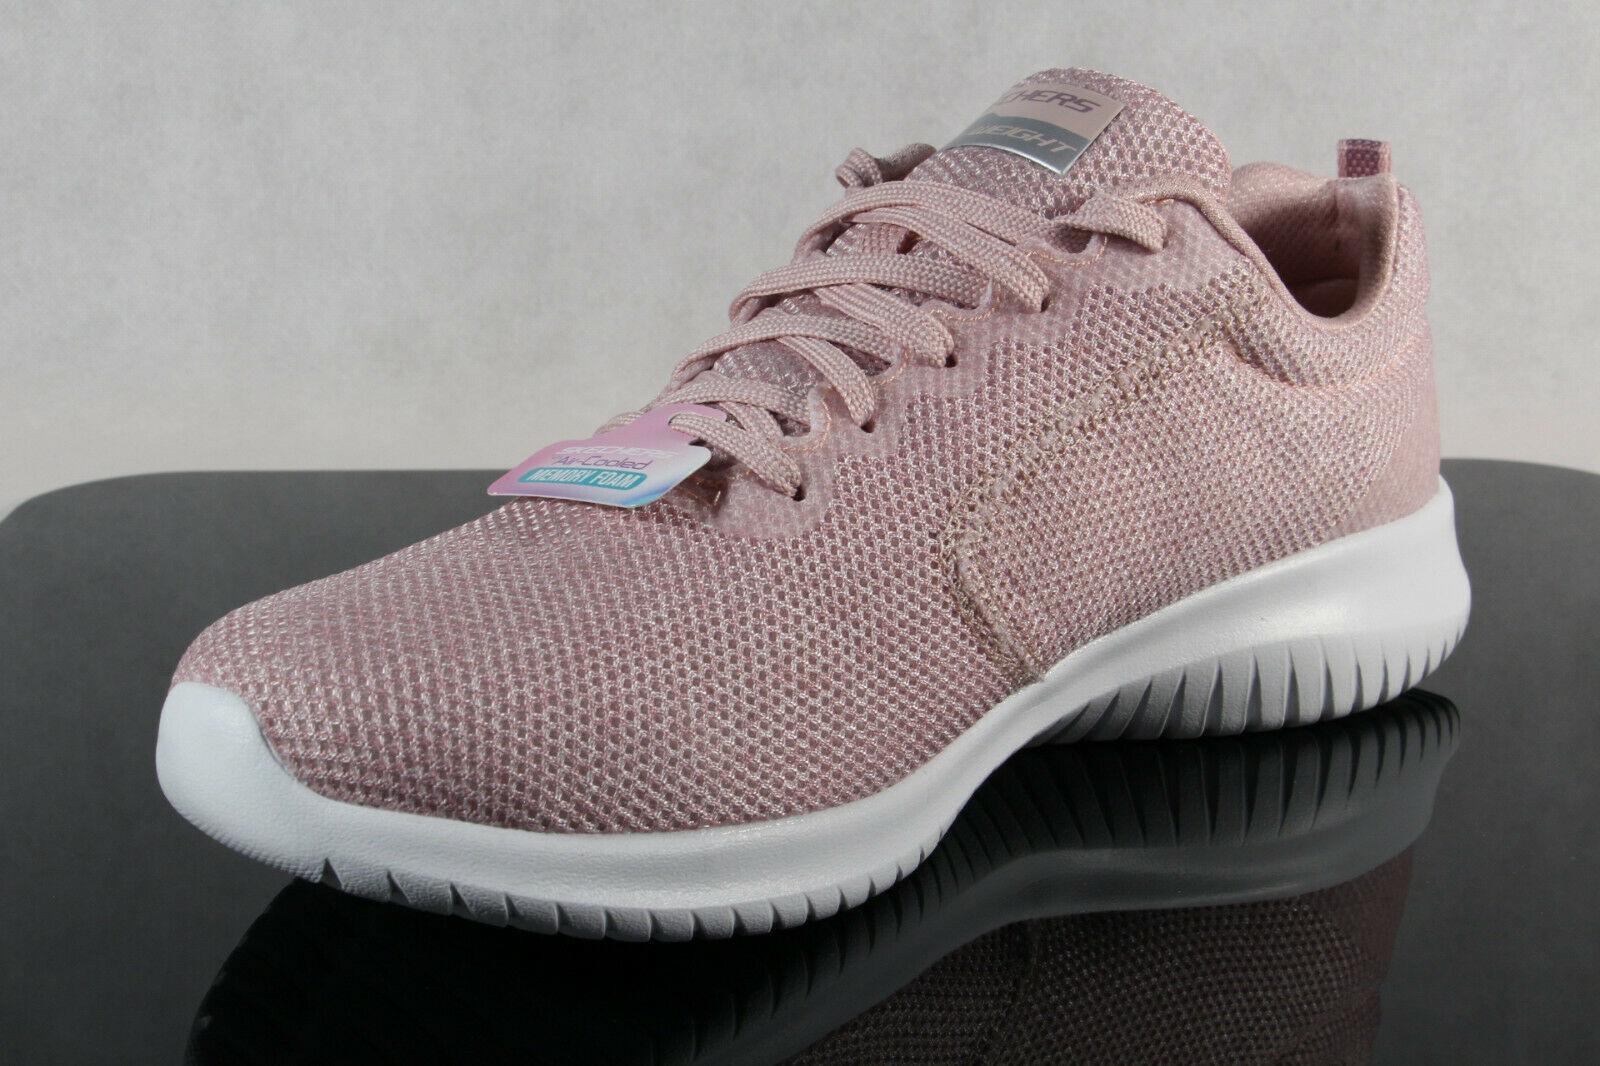 Skechers Sneakers Schnürschuhe Sportschuhe Air Cooled Memory Foam rosé NEU!